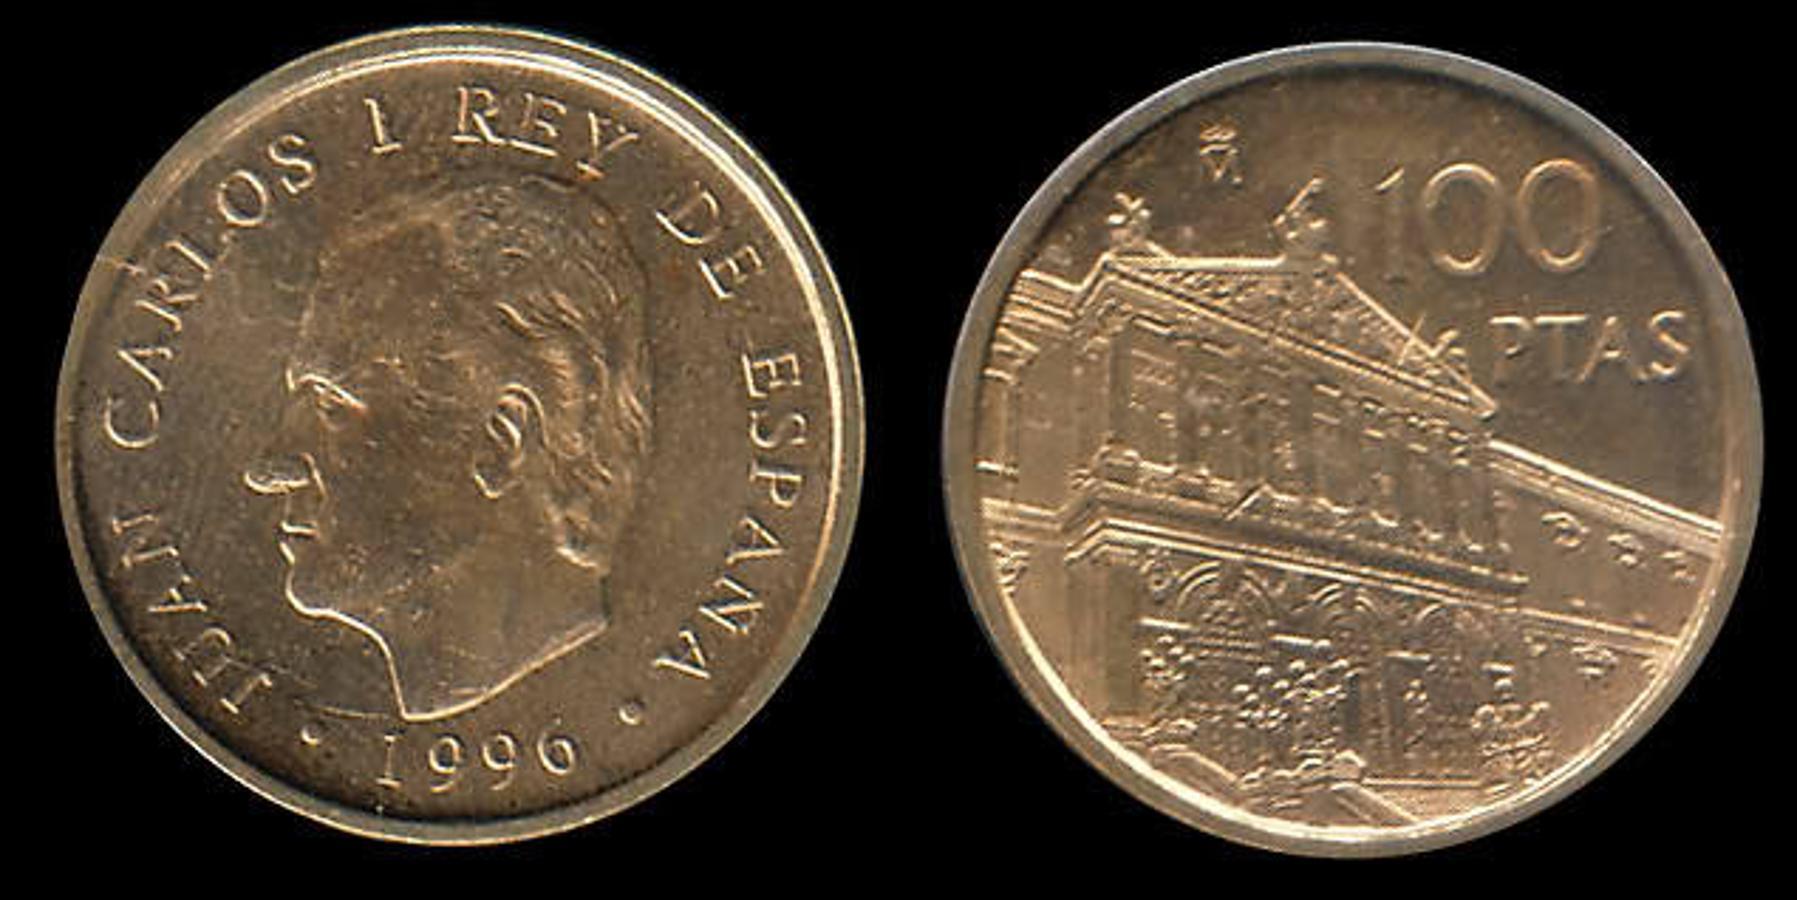 100 Pesetas 1966. Estas grandes monedas de plata se fabricaron en 1966, aunque las del 69 son las más caras, llegando a costar 145 euros. Existe una variante que tiene el palo del 9 recto y que ya alcanza los 400 euros.